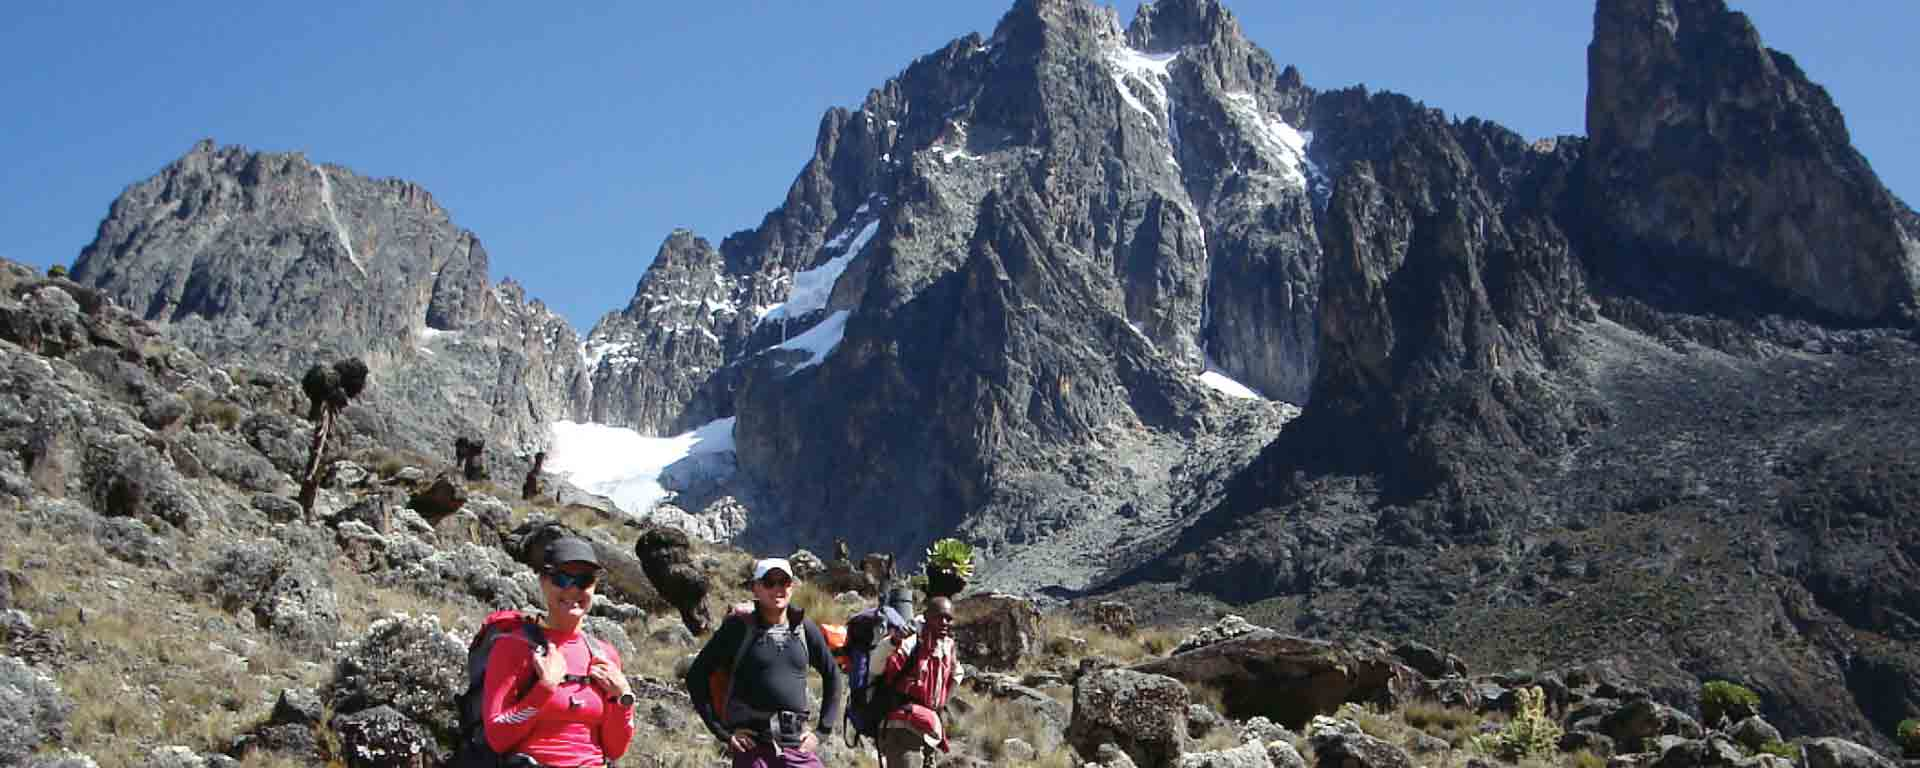 5 days Mount Kenya Sirimon Route Out Chogoria